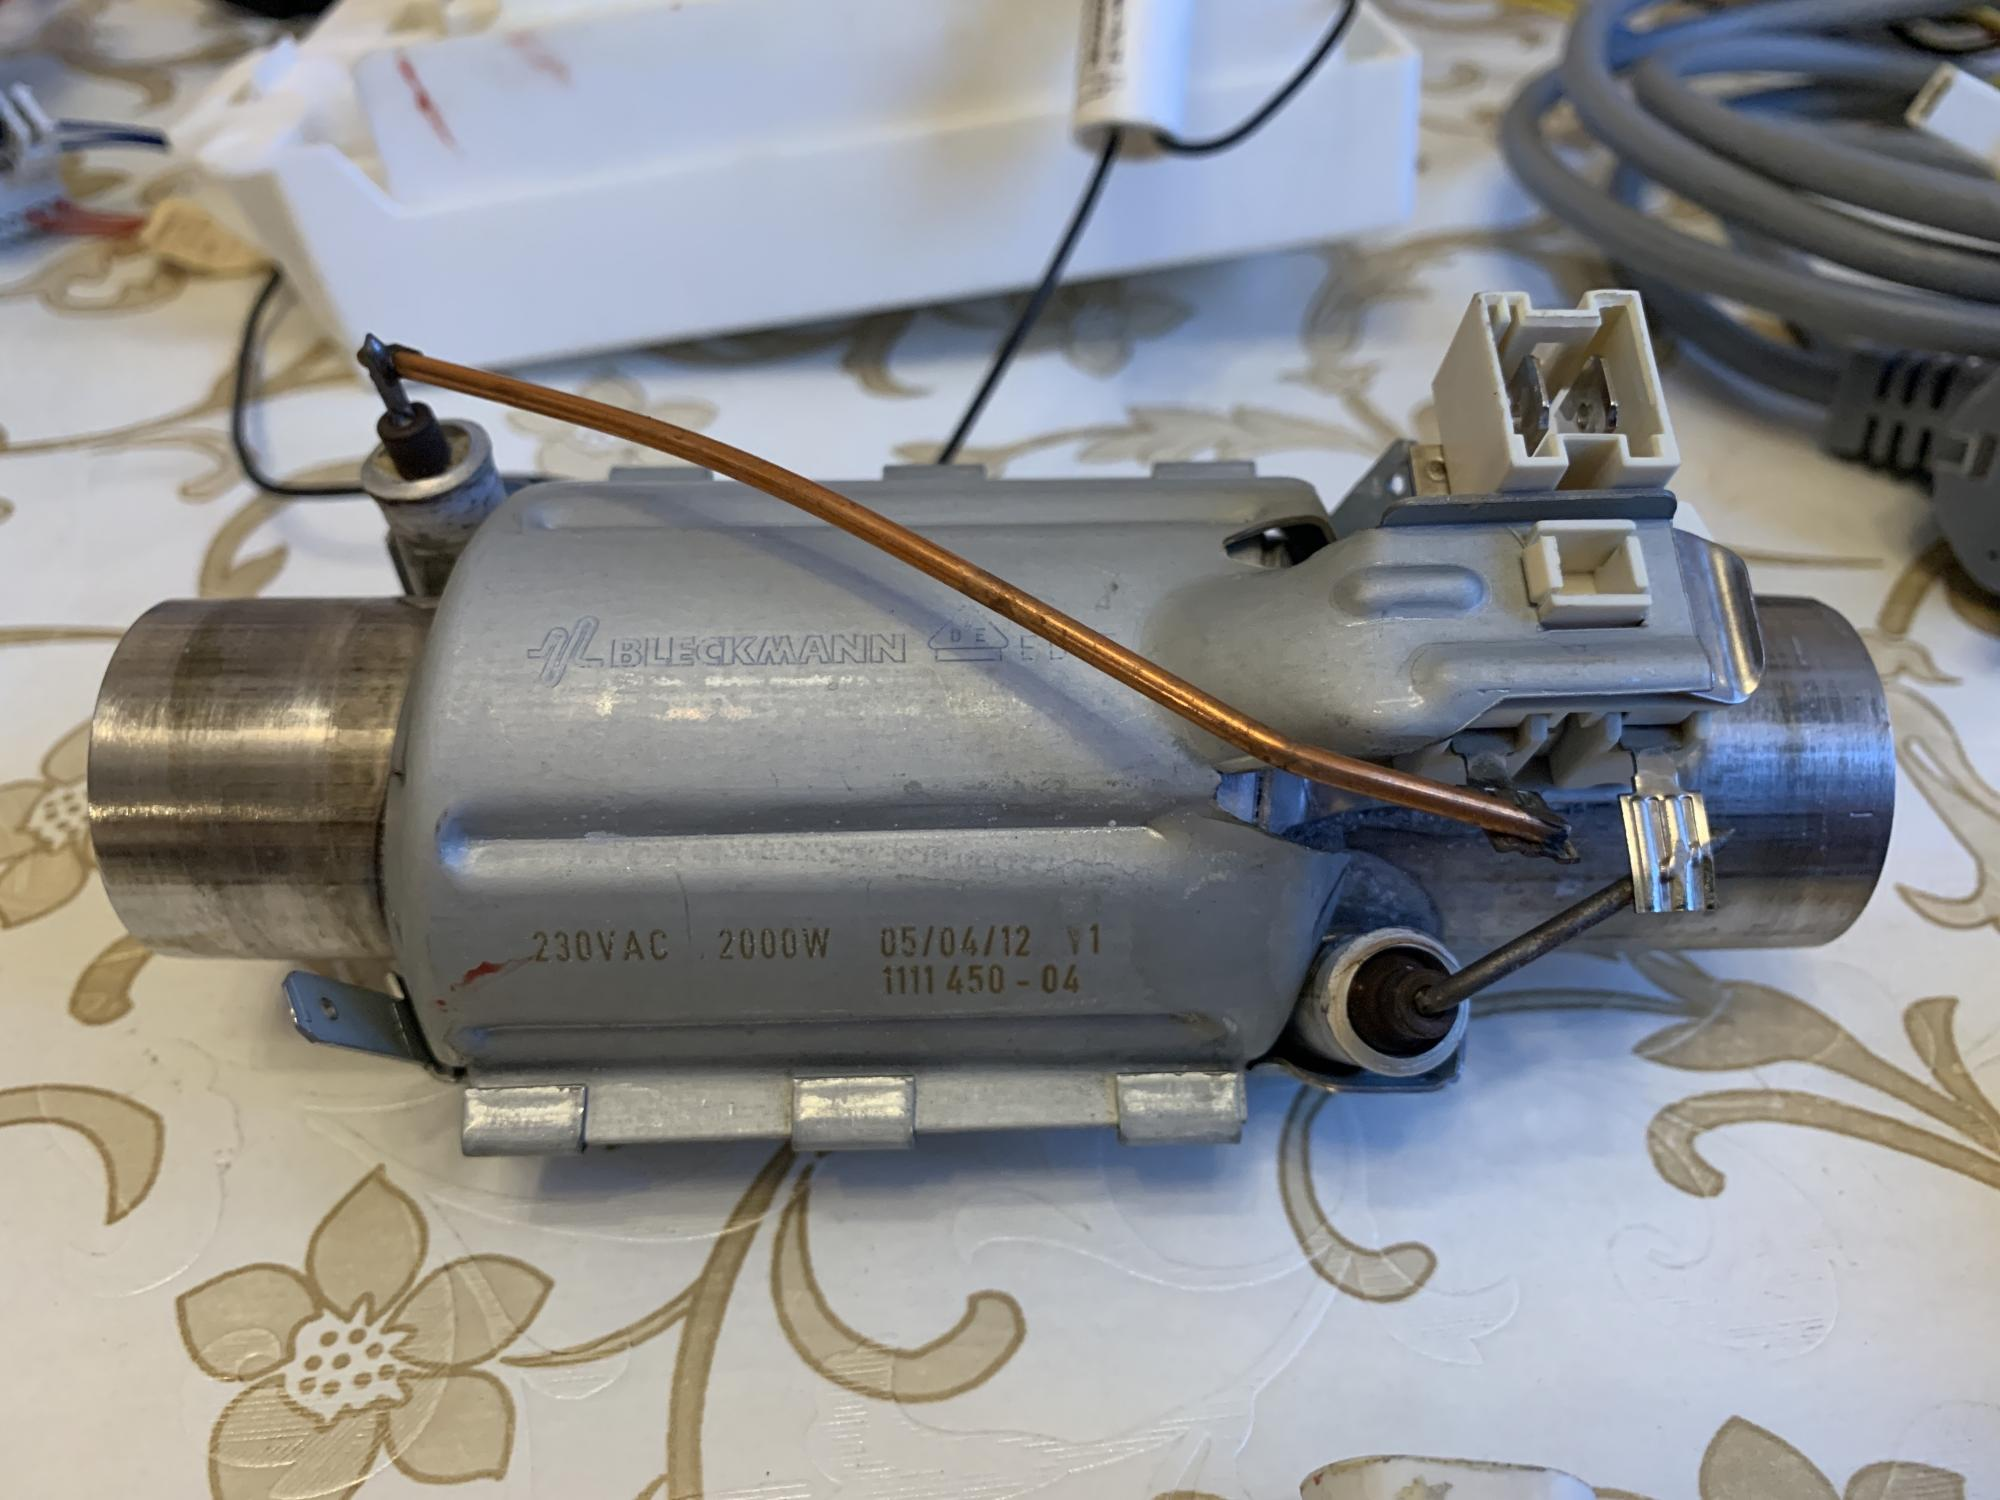 Запчасти для посудомойки Electrolux ESL48900R в Москве 89166402336 купить 4